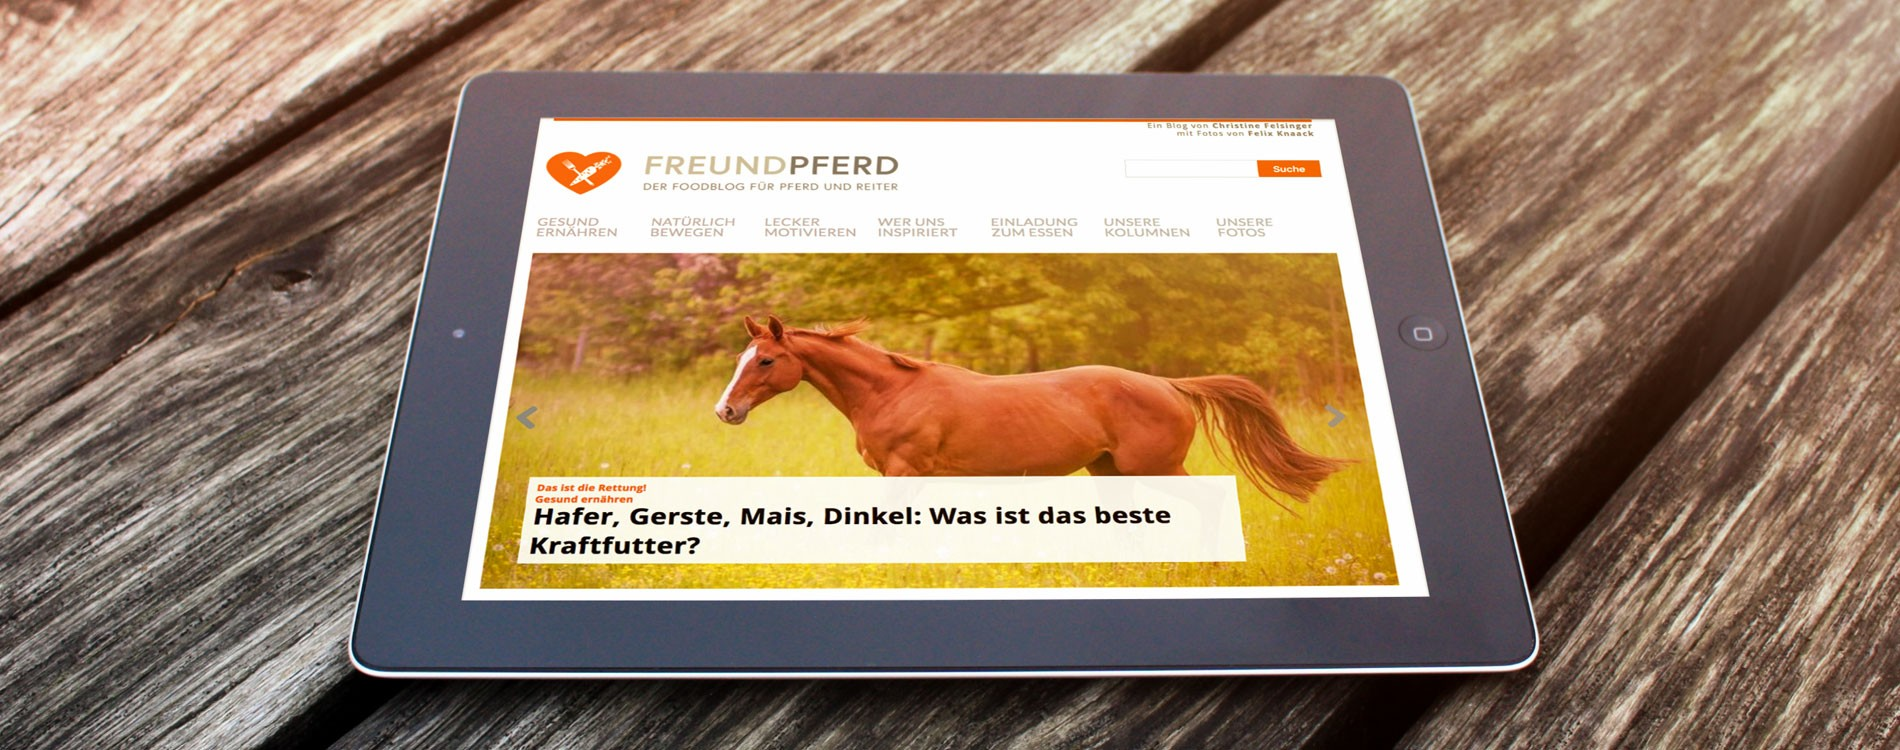 404MEDIA Projekt - FreundPferd.de